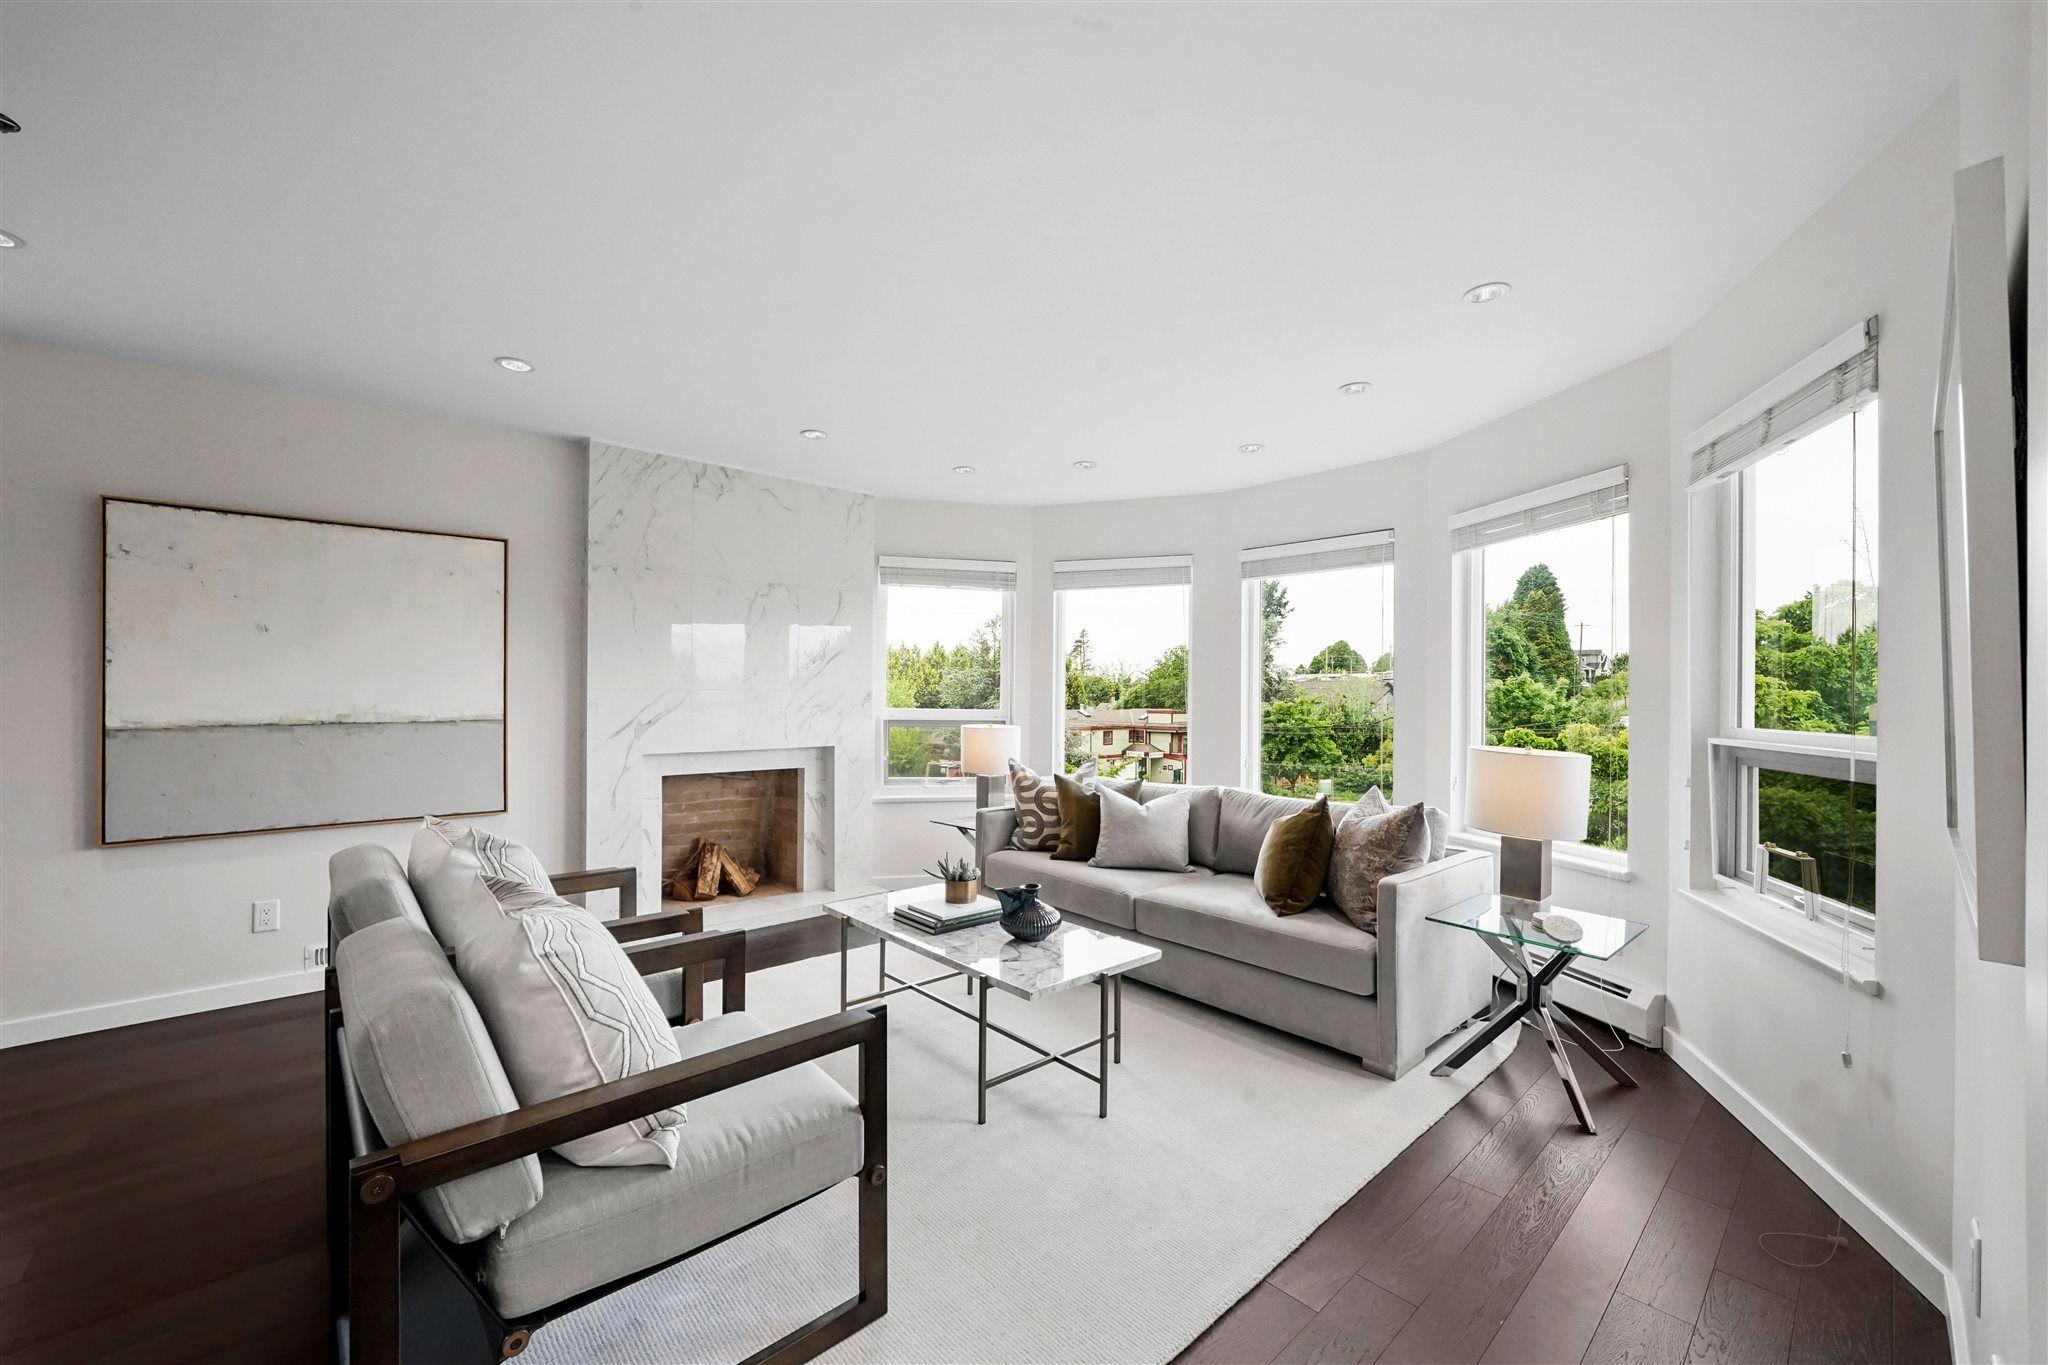 """Main Photo: 2098 RENFREW Street in Vancouver: Renfrew VE House for sale in """"RENFREW"""" (Vancouver East)  : MLS®# R2595127"""